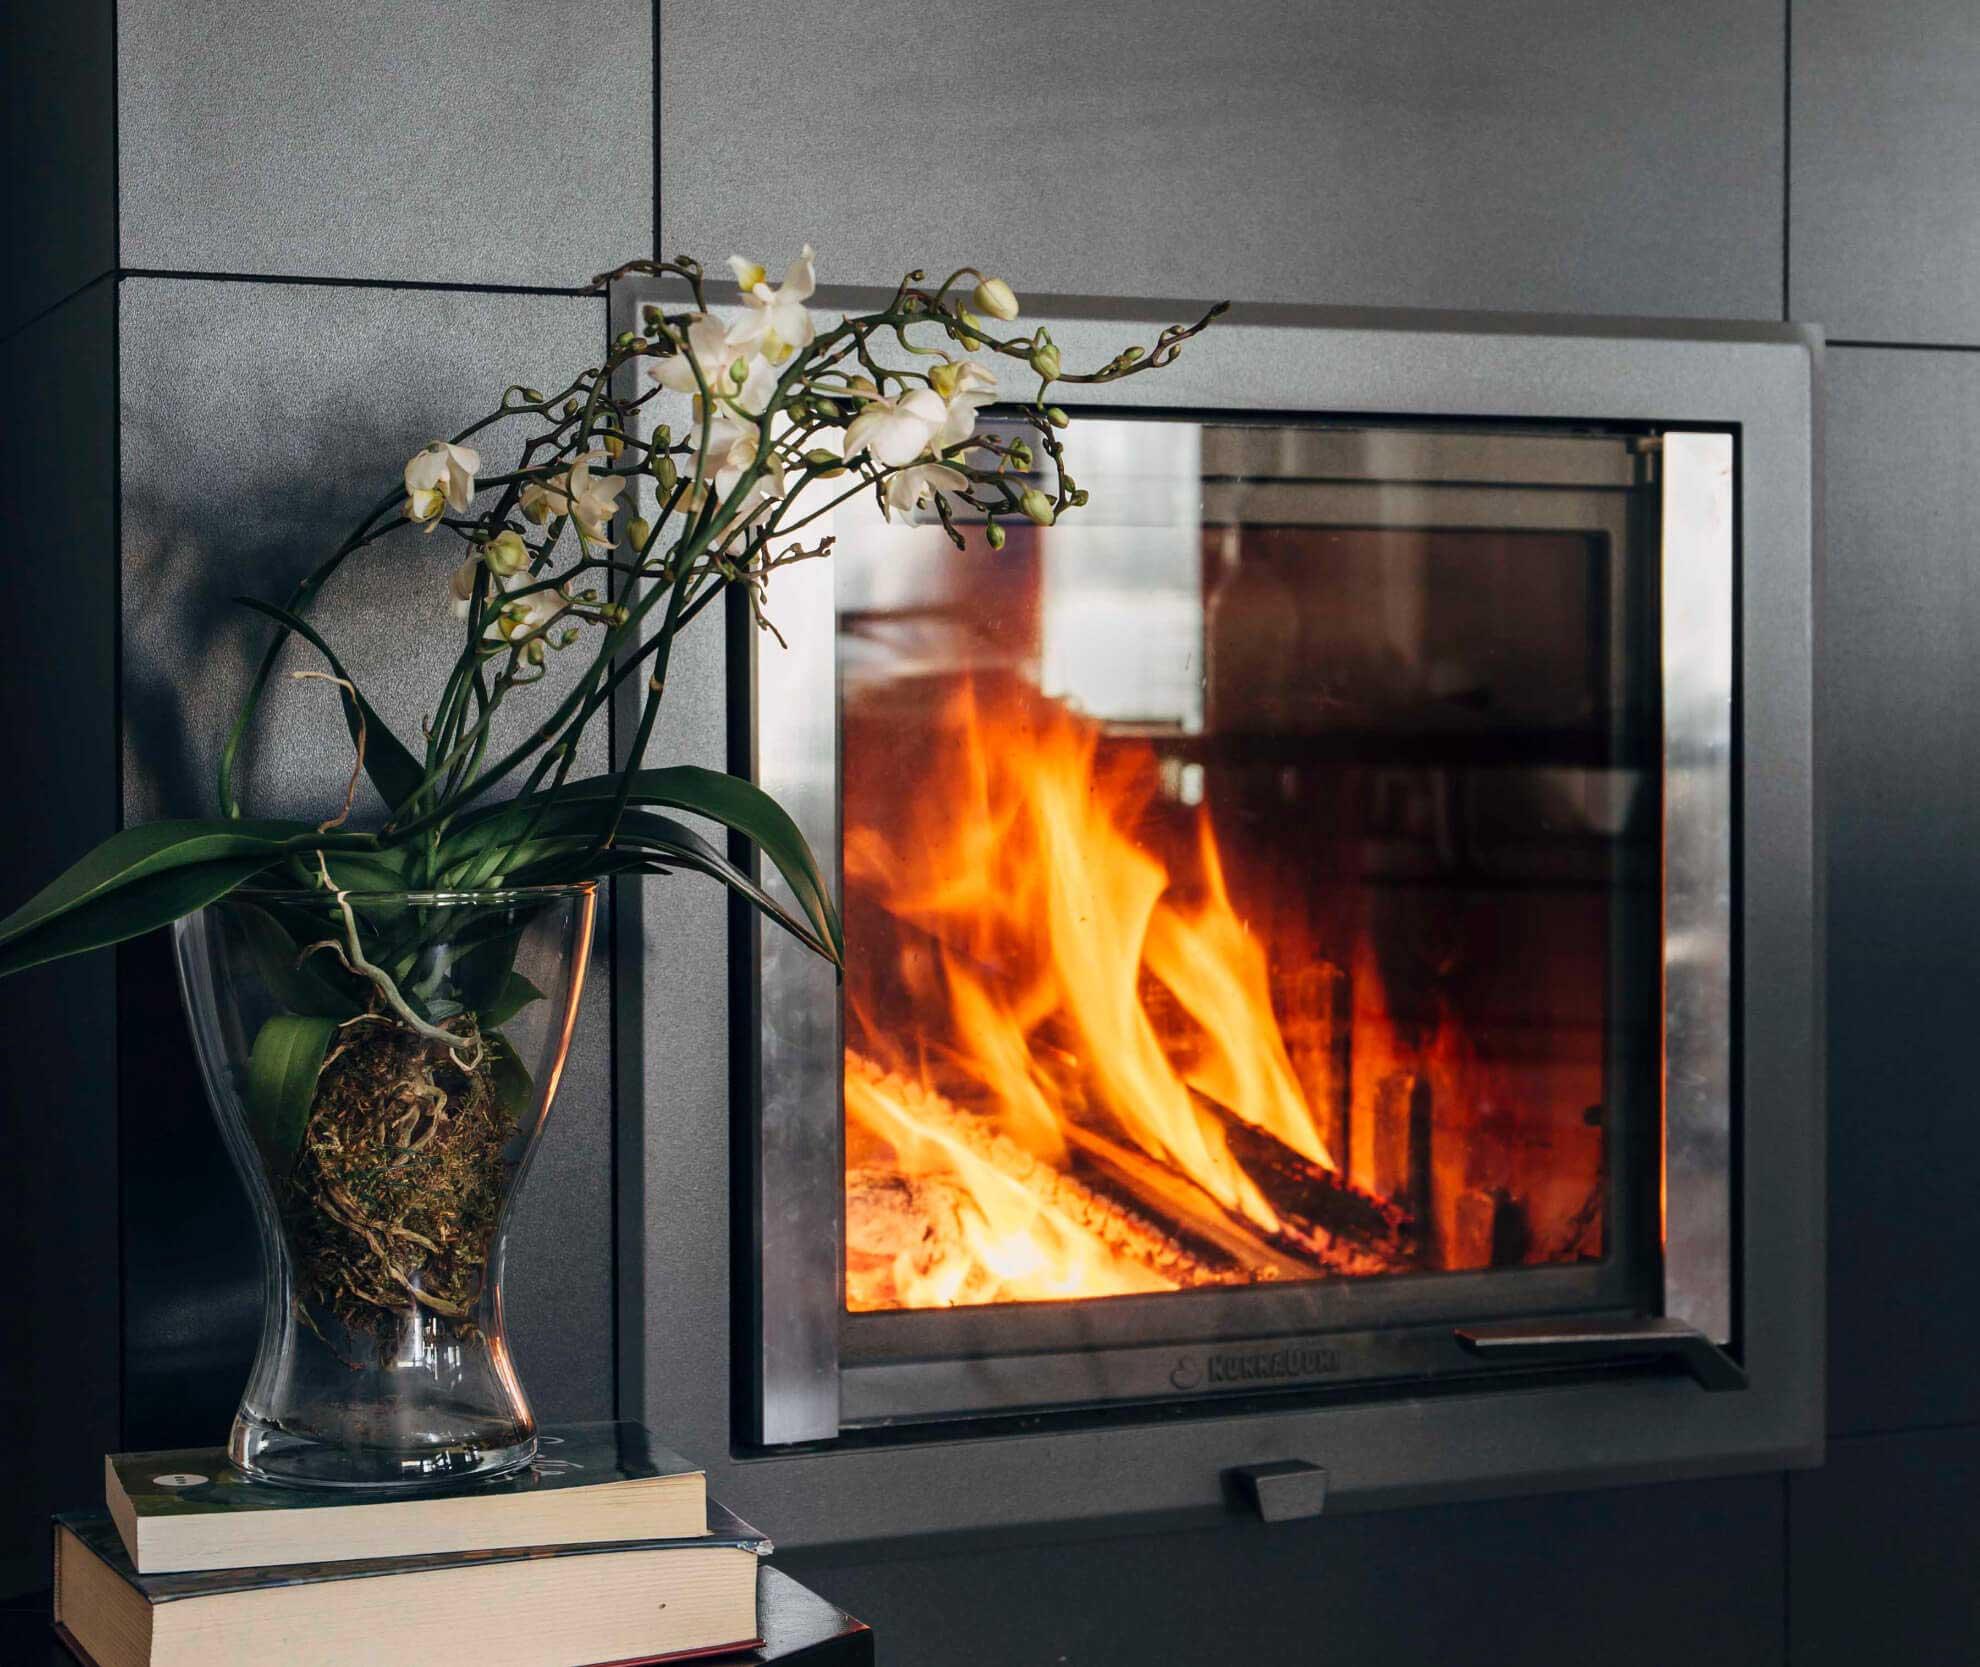 Ein neuer Speicherofen von NunnaUuni ist gut für die Umwelt. Das Goldene Feuer verbrennt die Holzscheite sauber und effektiv.